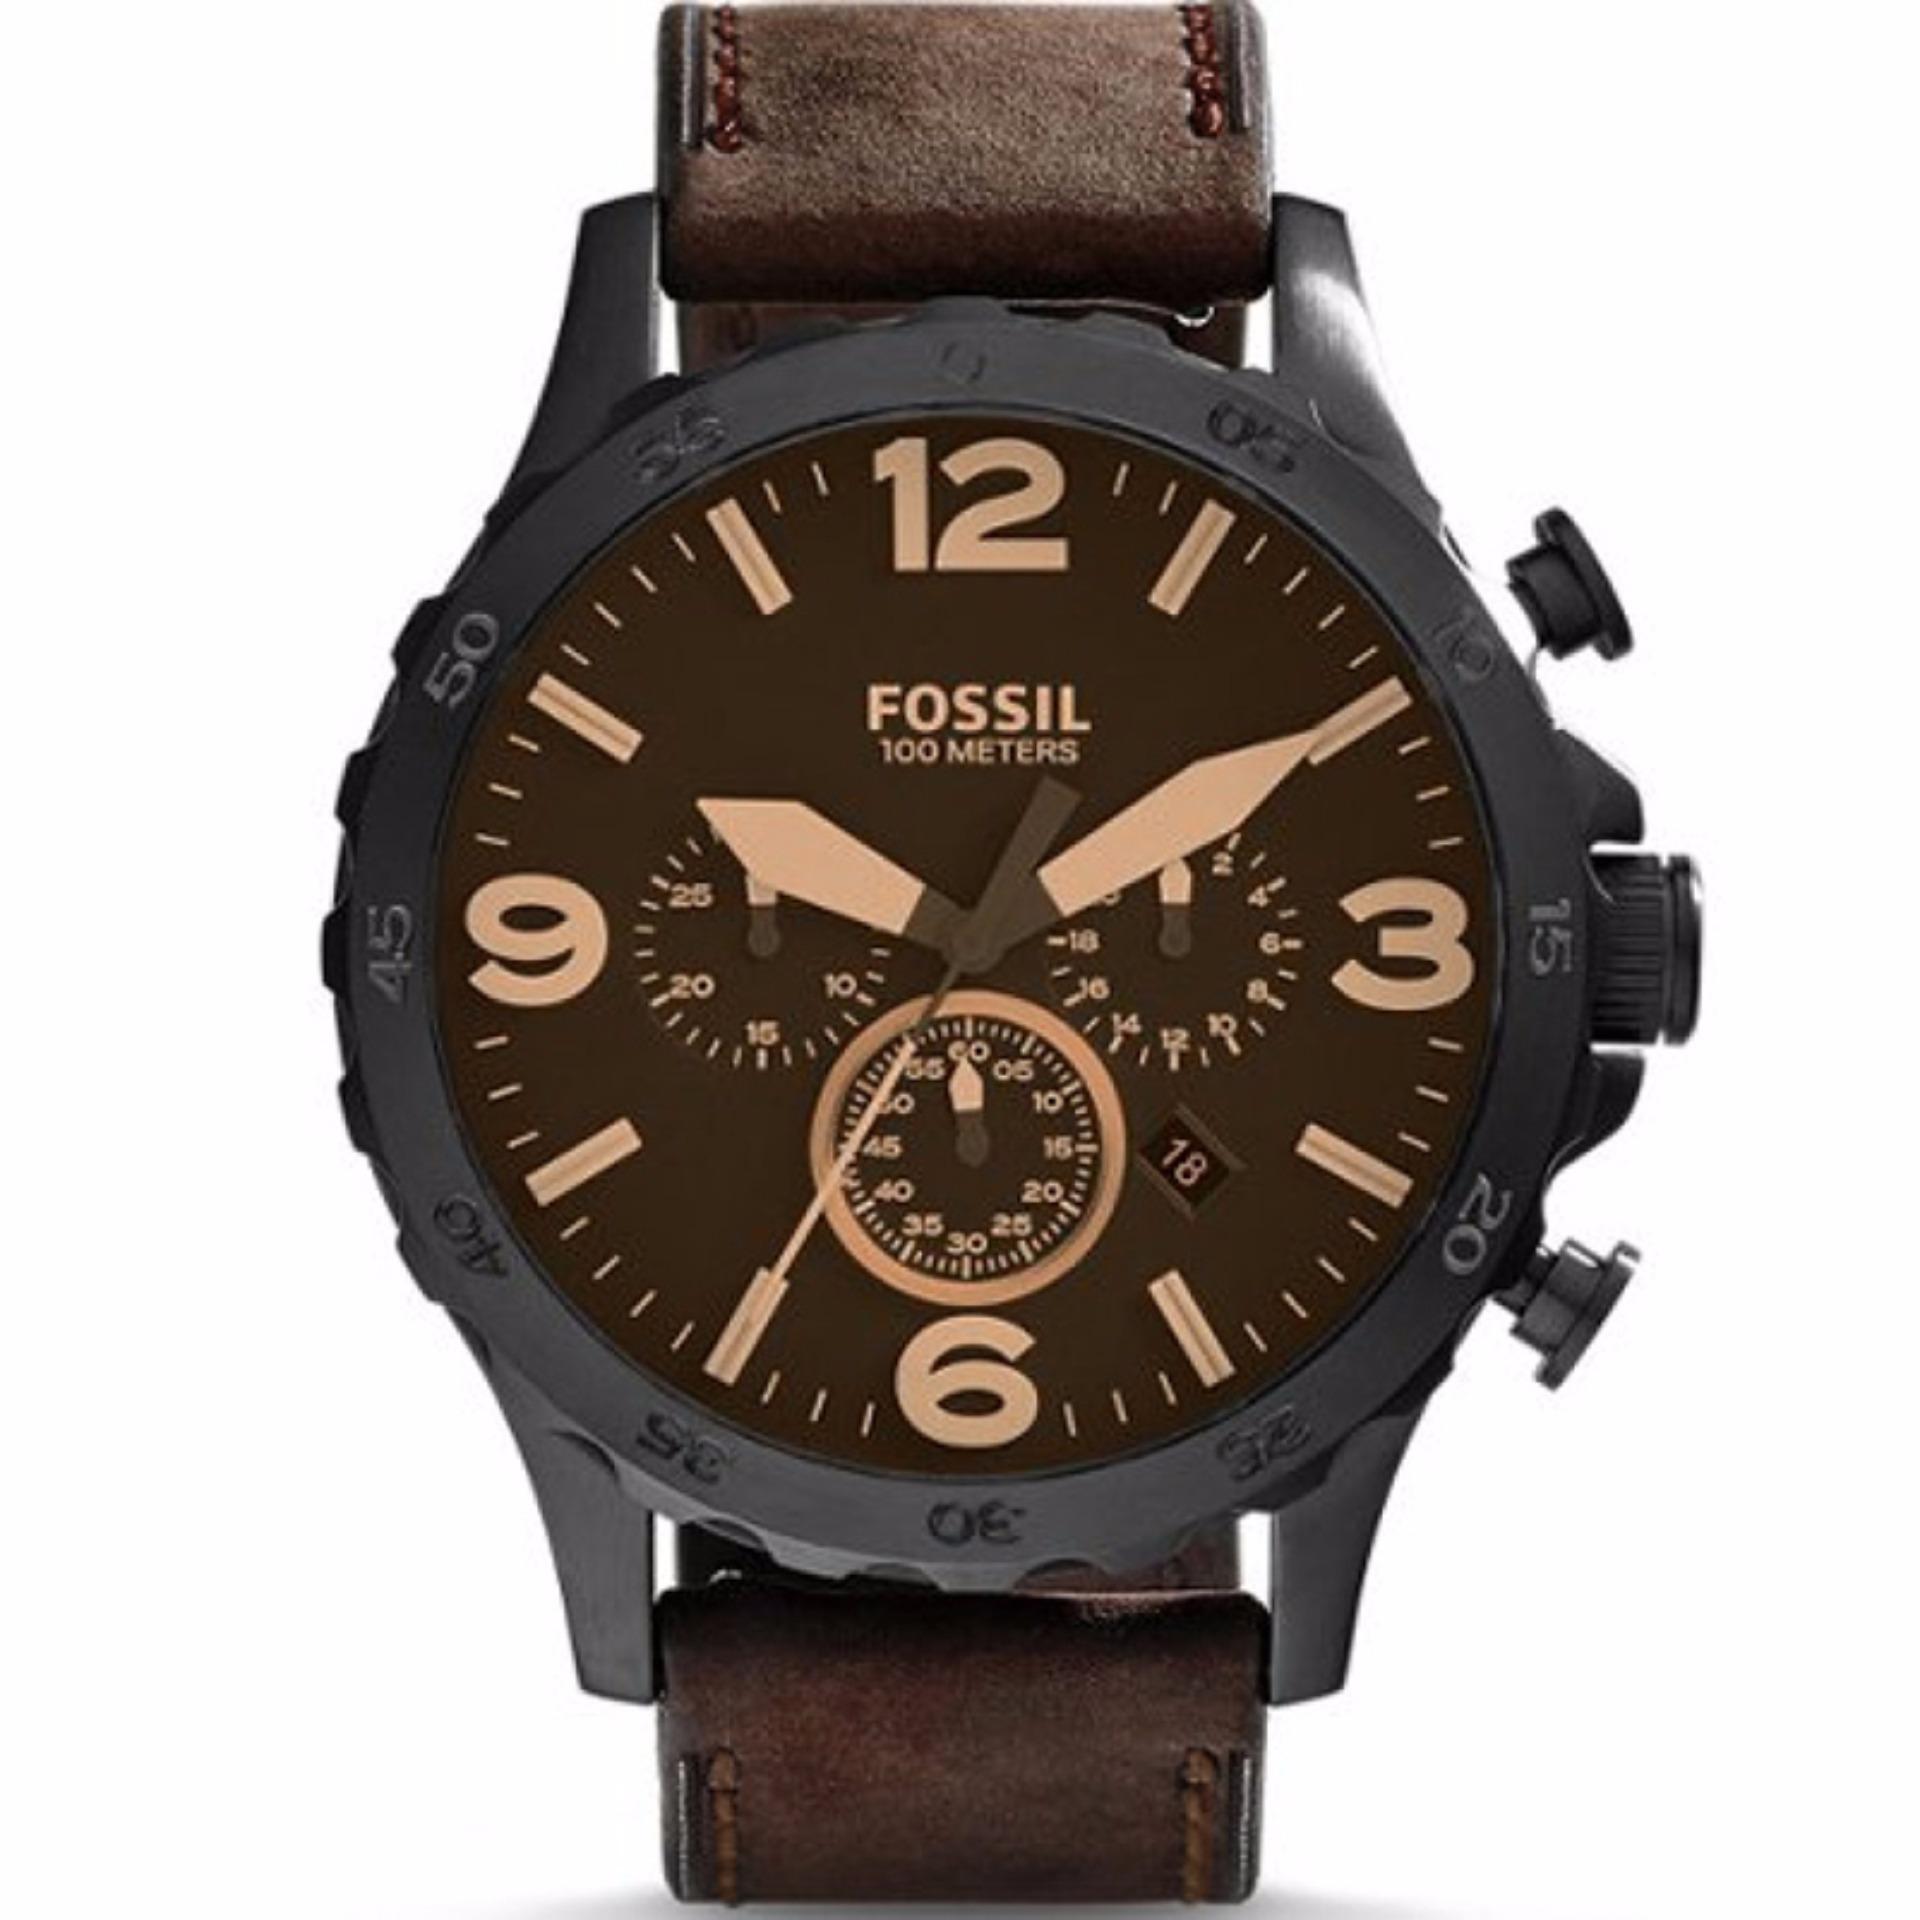 Spesifikasi Fossil Nate Chronograph Jam Tangan Pria Coklat Tali Kulit Jr1487 Fossil Terbaru